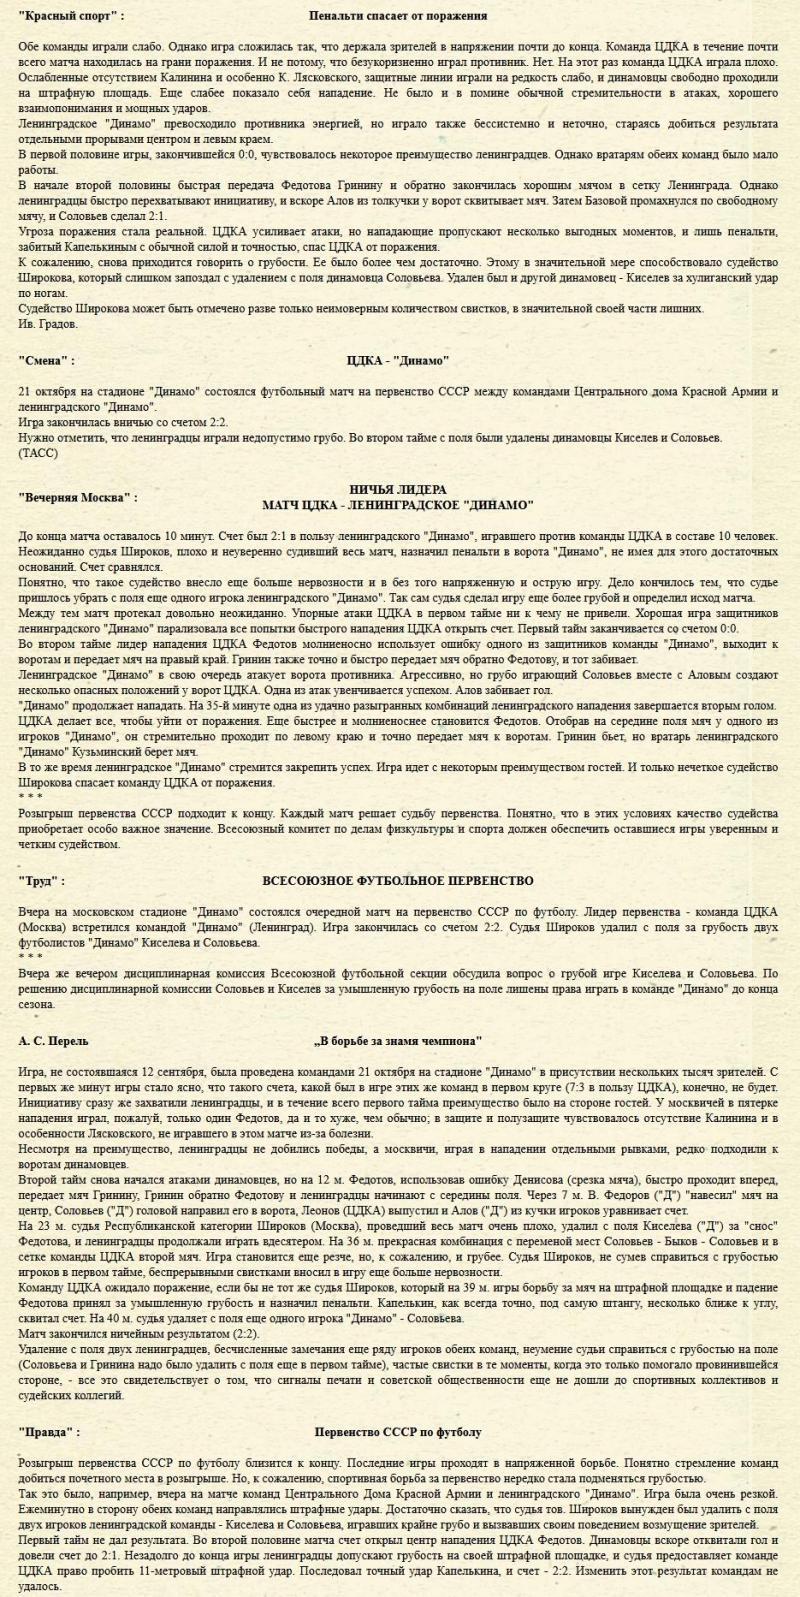 ЦДКА (Москва) - Динамо (Ленинград) 2:2. Нажмите, чтобы посмотреть истинный размер рисунка